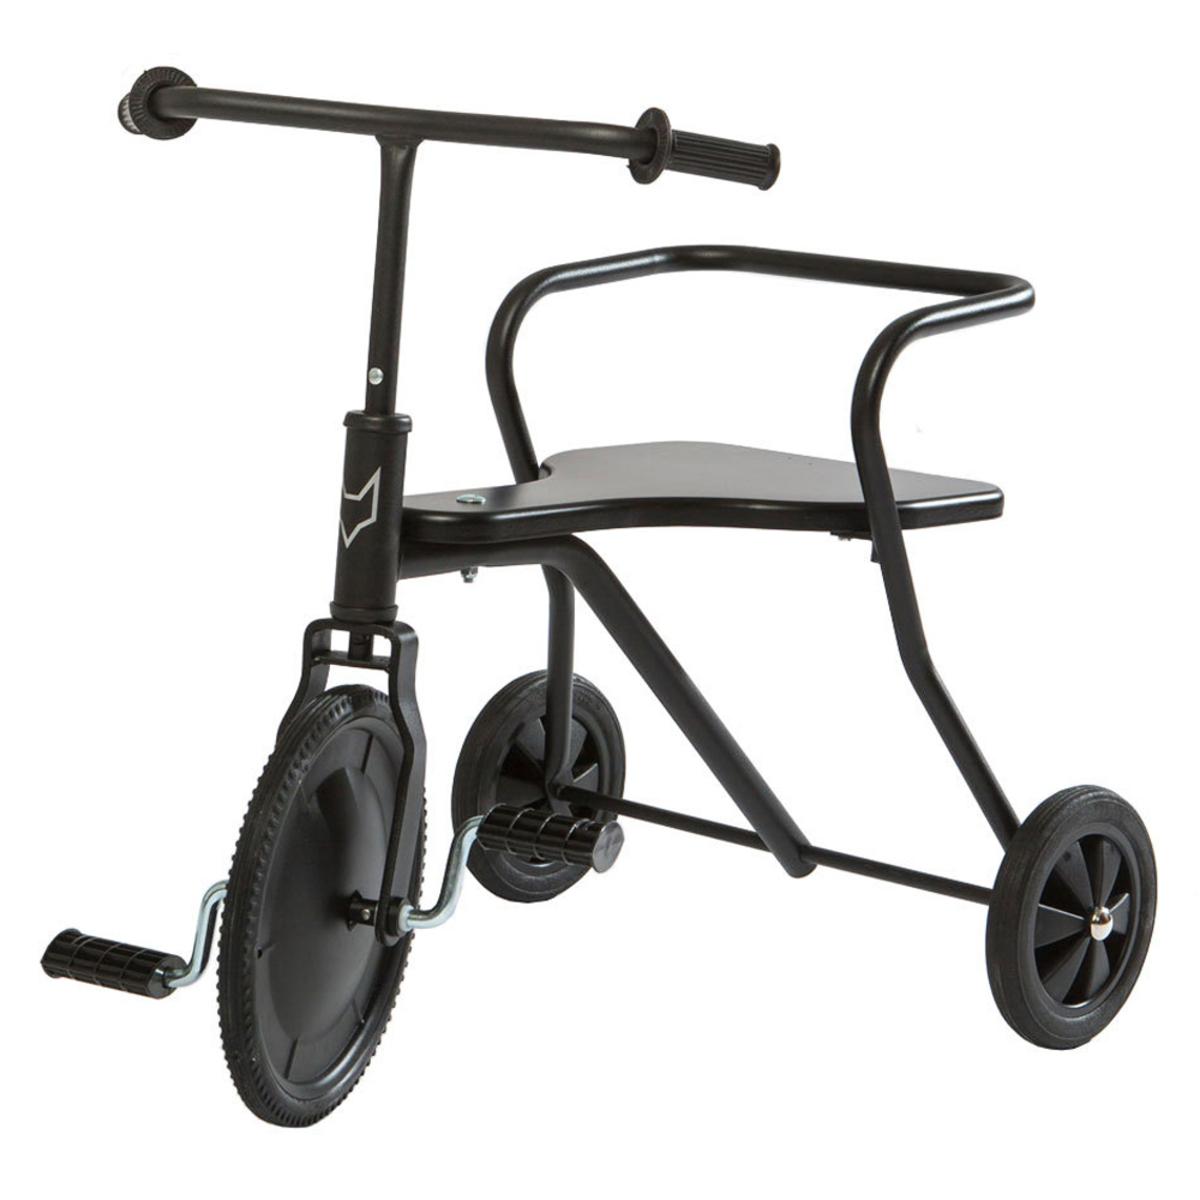 Trotteur & Porteur Tricycle en Métal - Noir Tricycle en Métal - Noir